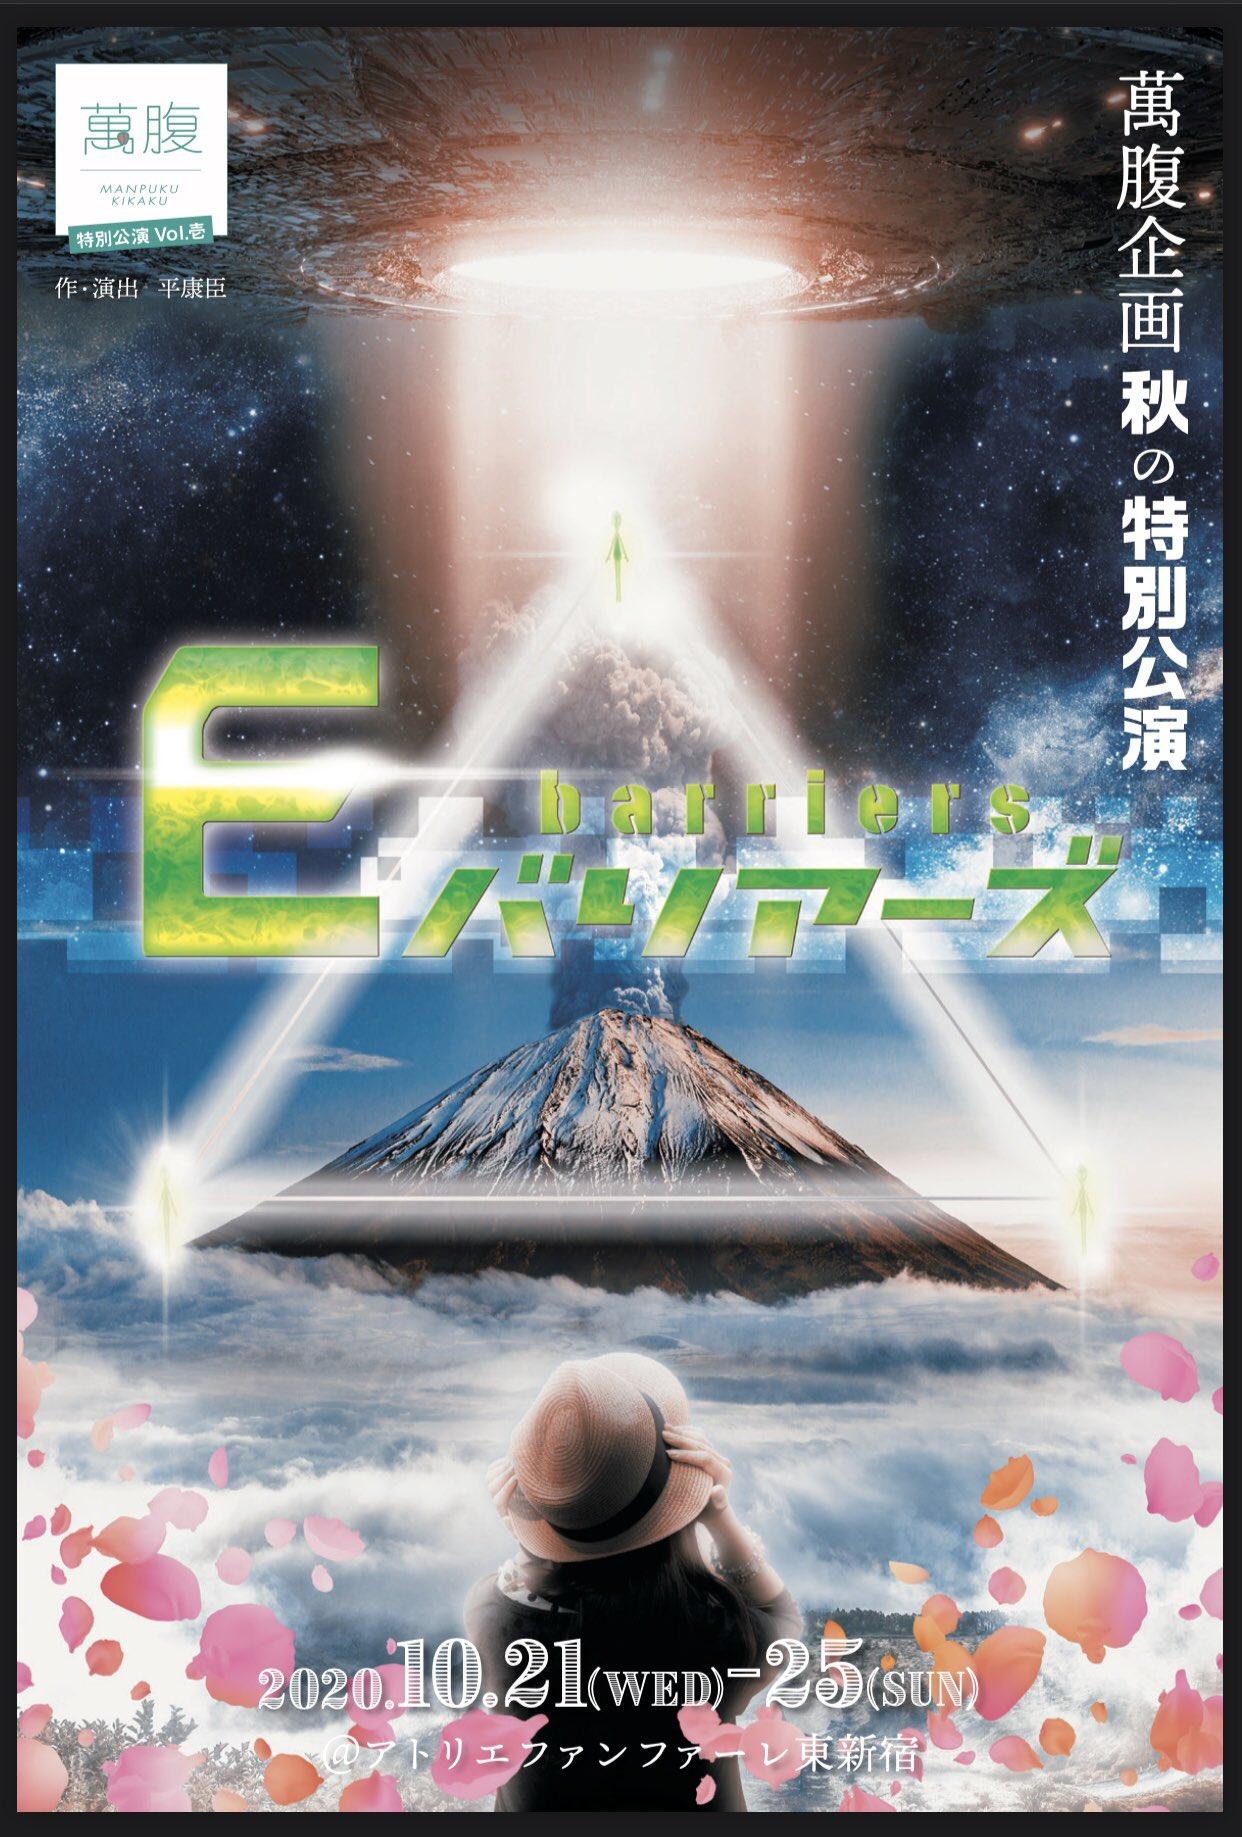 Eバリアーズ LIVE配信 10/23 19:00